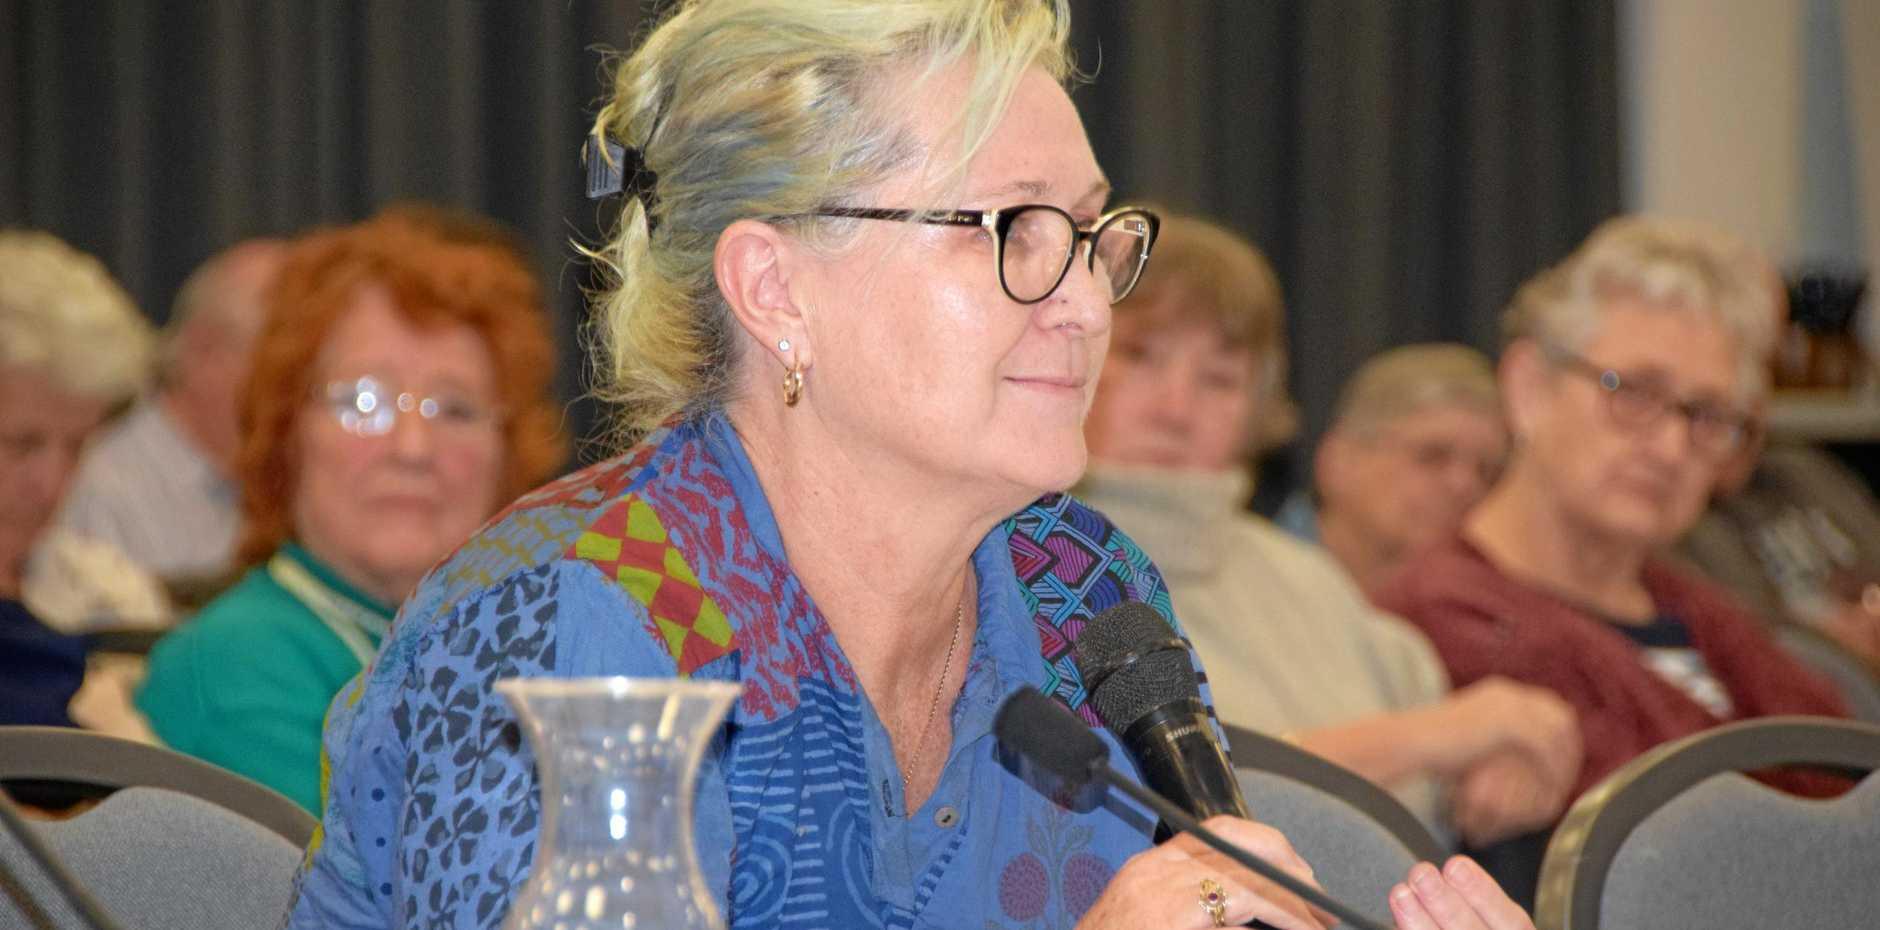 CHANGE NEEDED: Linda Gardiner